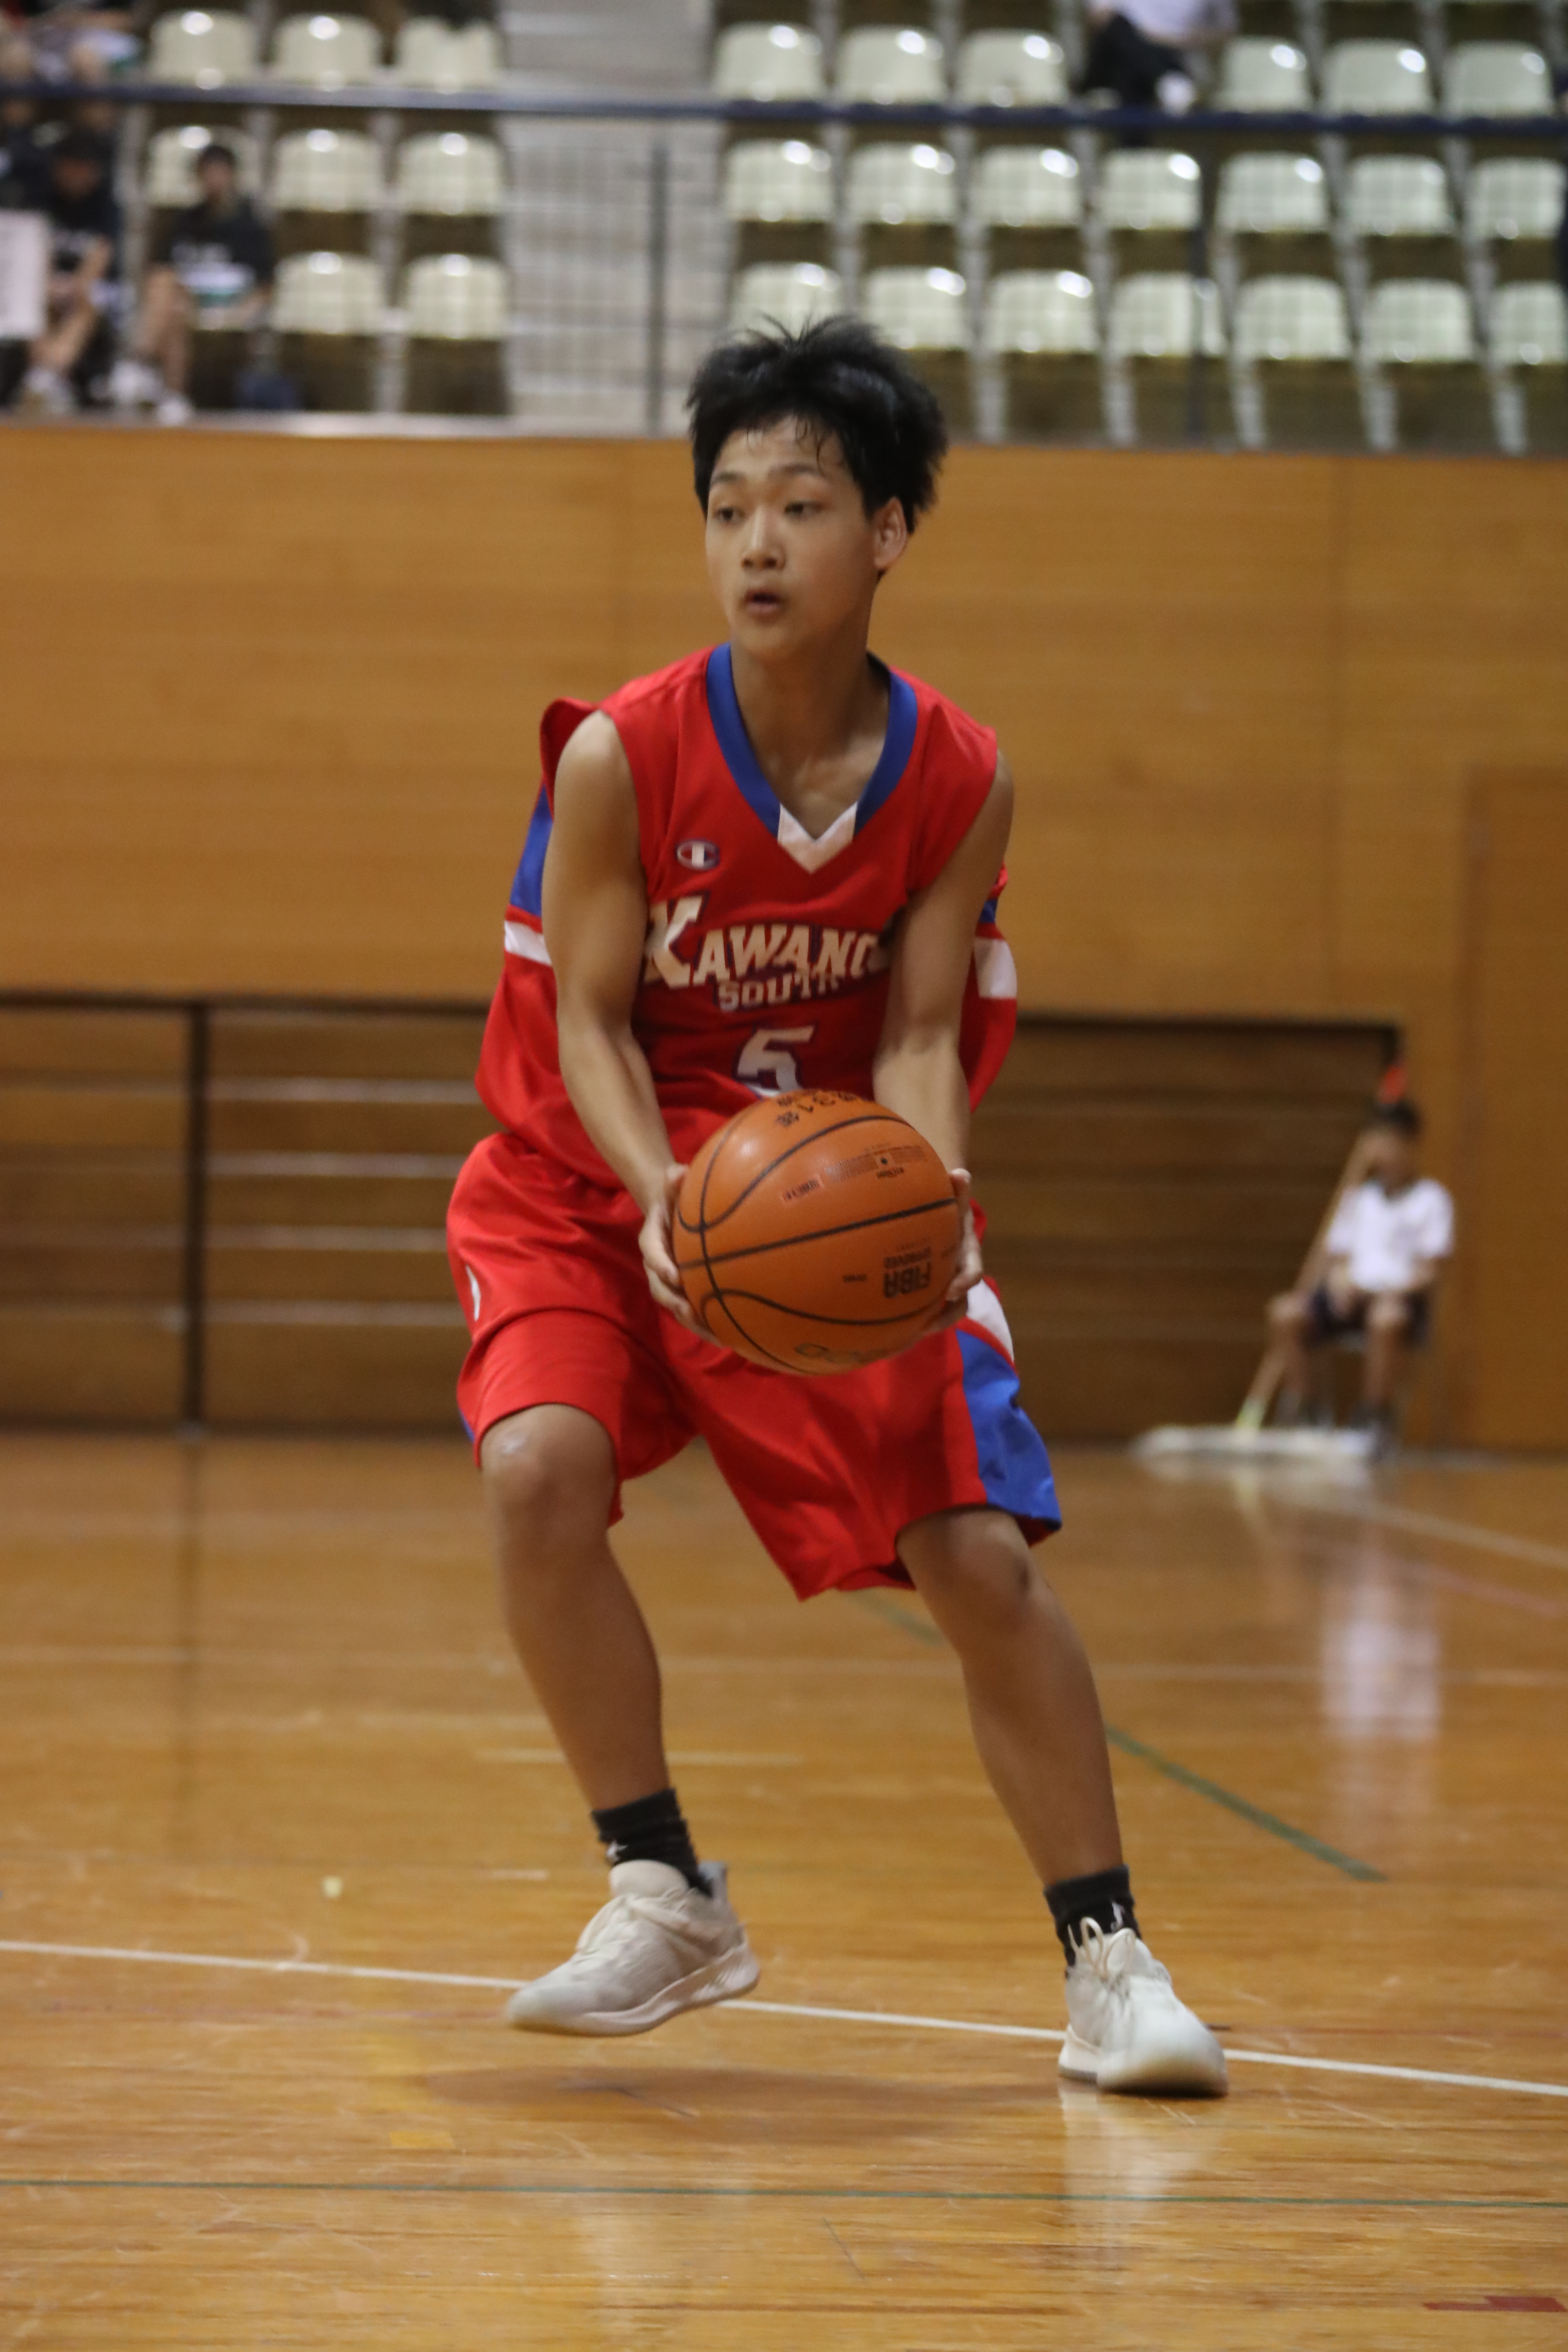 バスケット (4)